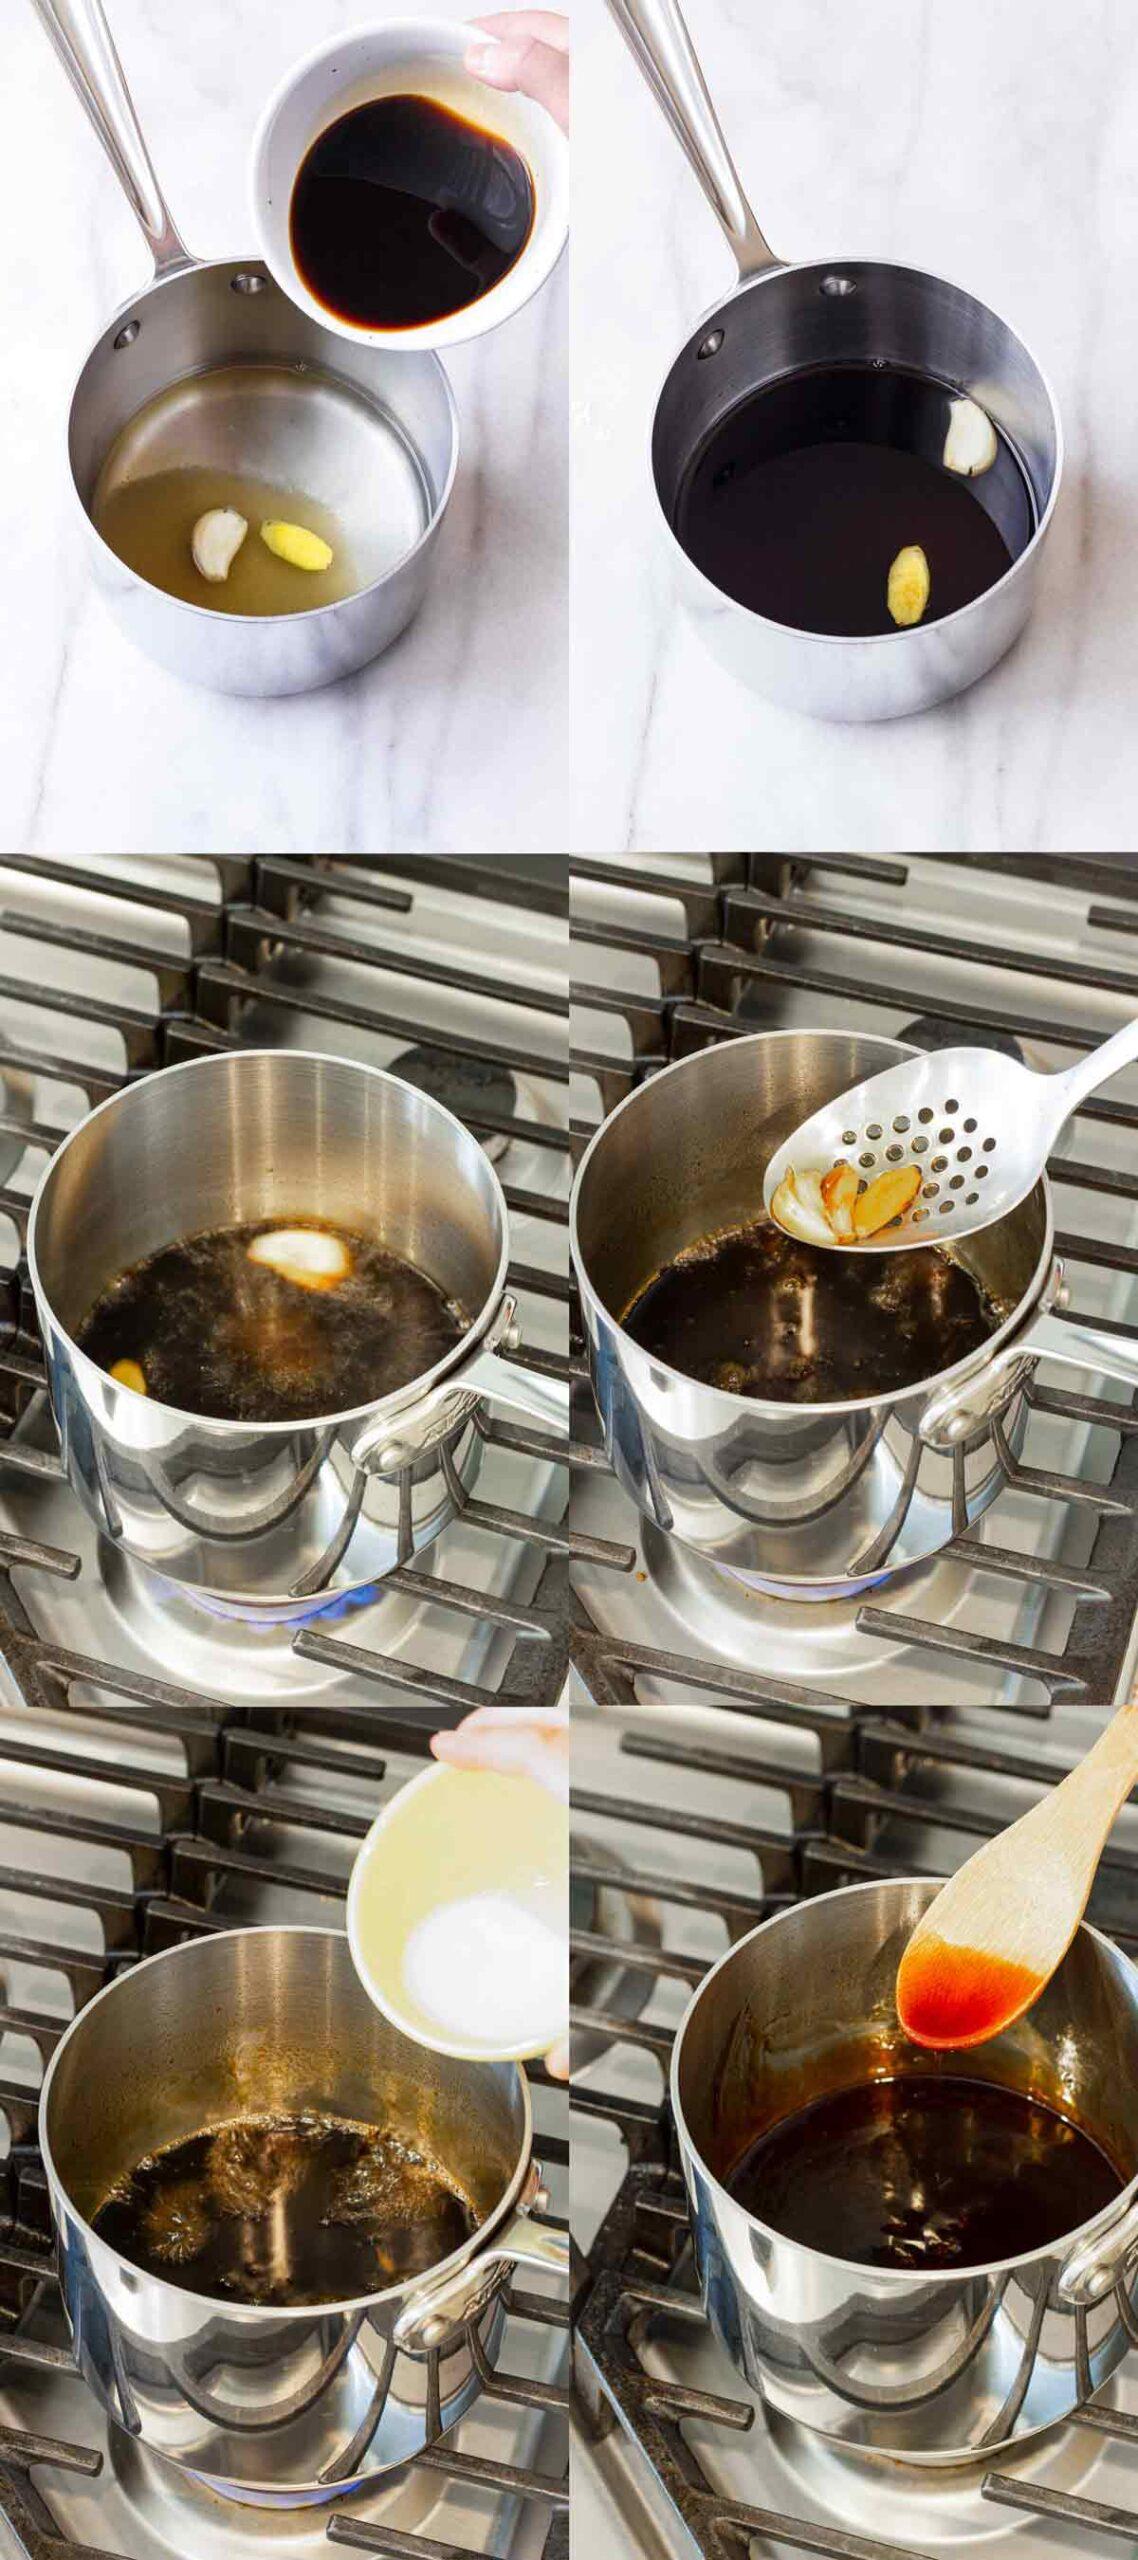 steps to make teriyaki sauce at home